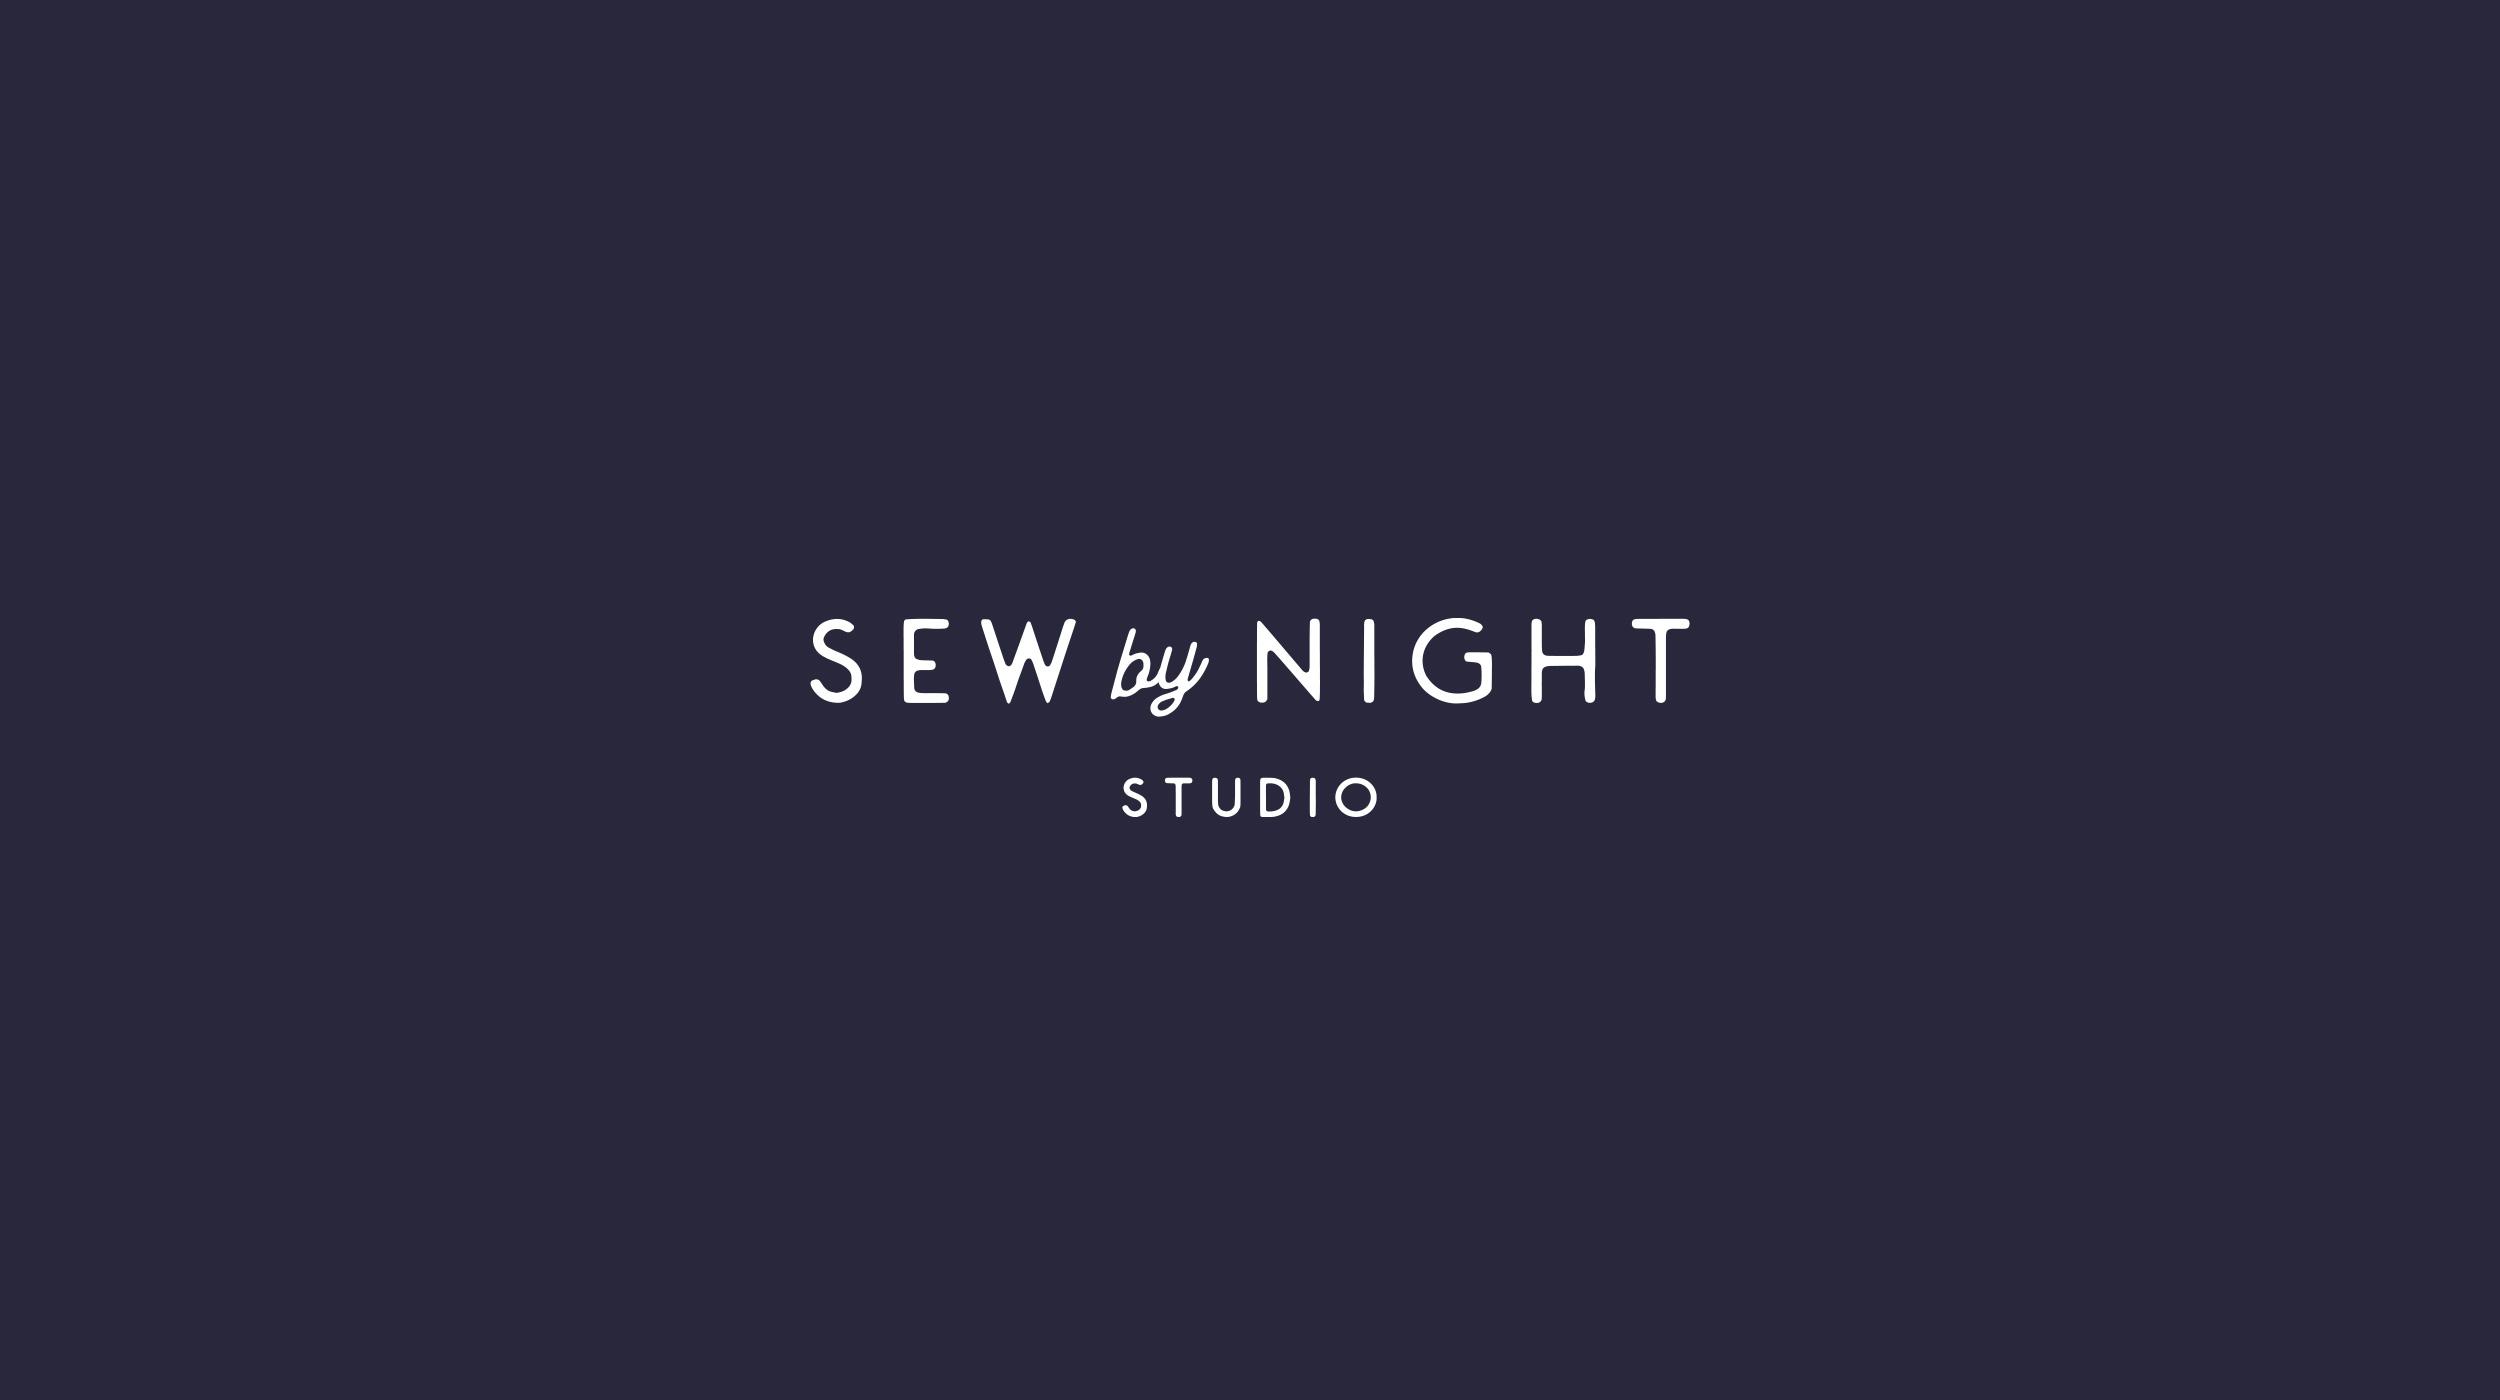 SbN-logo.jpg